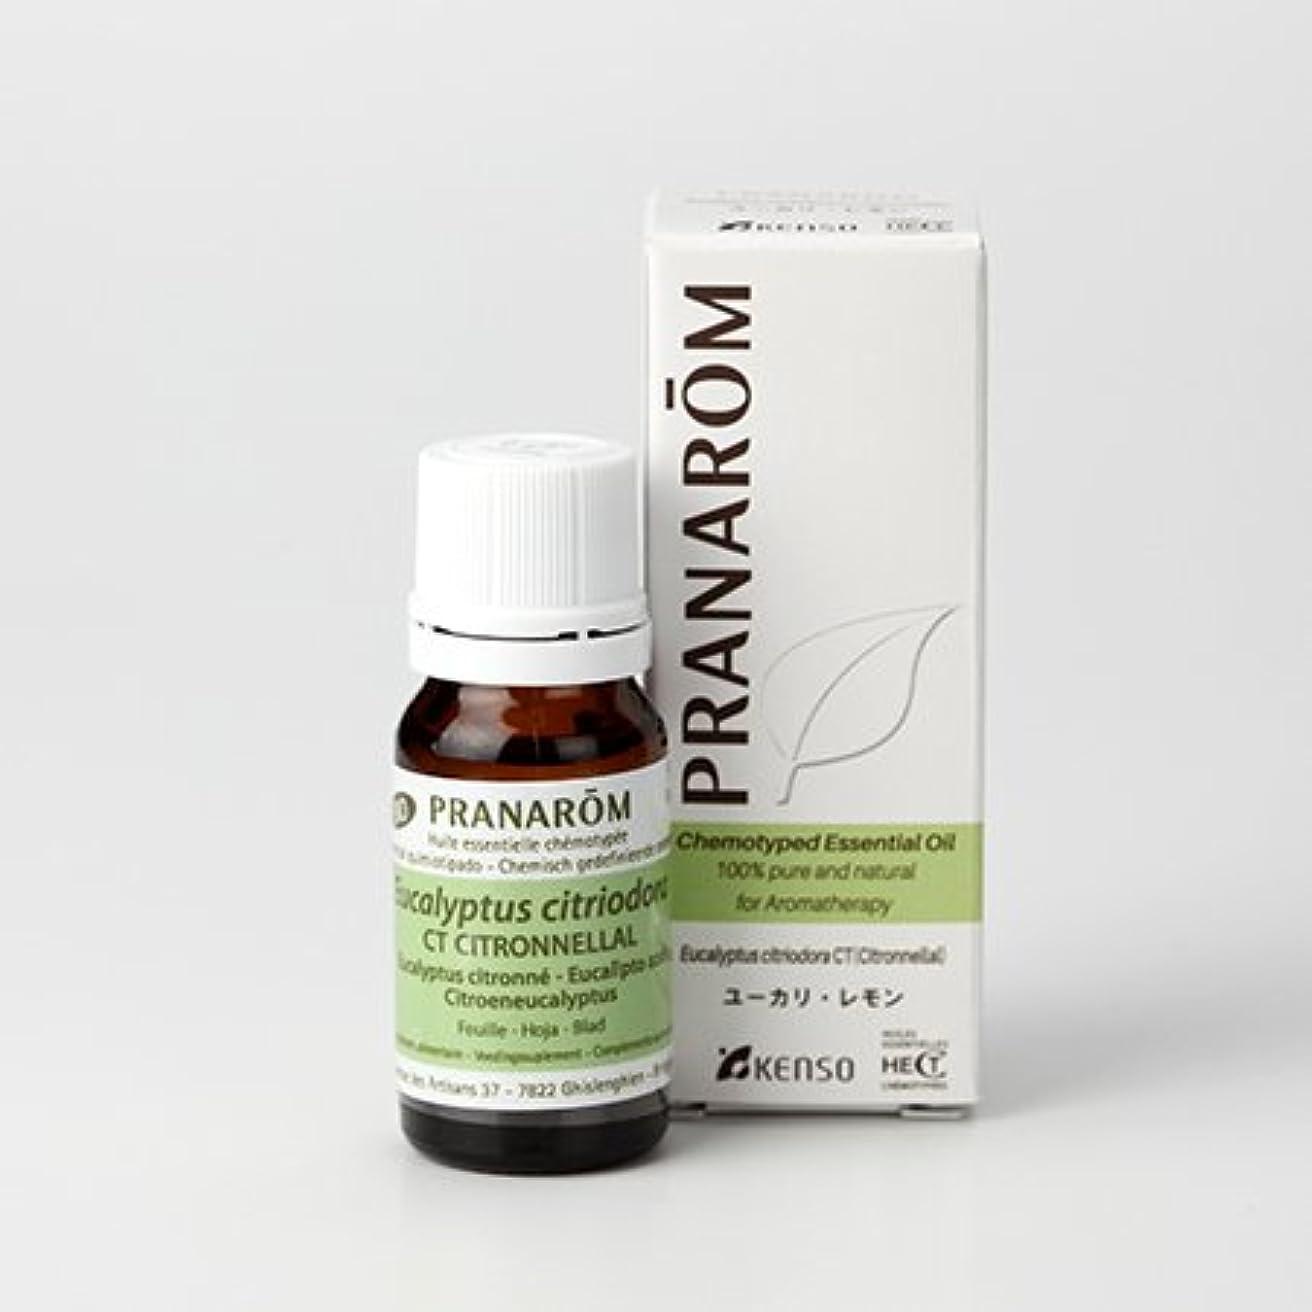 レーダー妥協乱すプラナロム ( PRANAROM ) 精油 ユーカリ?レモン 10ml p-65 ユーカリレモン